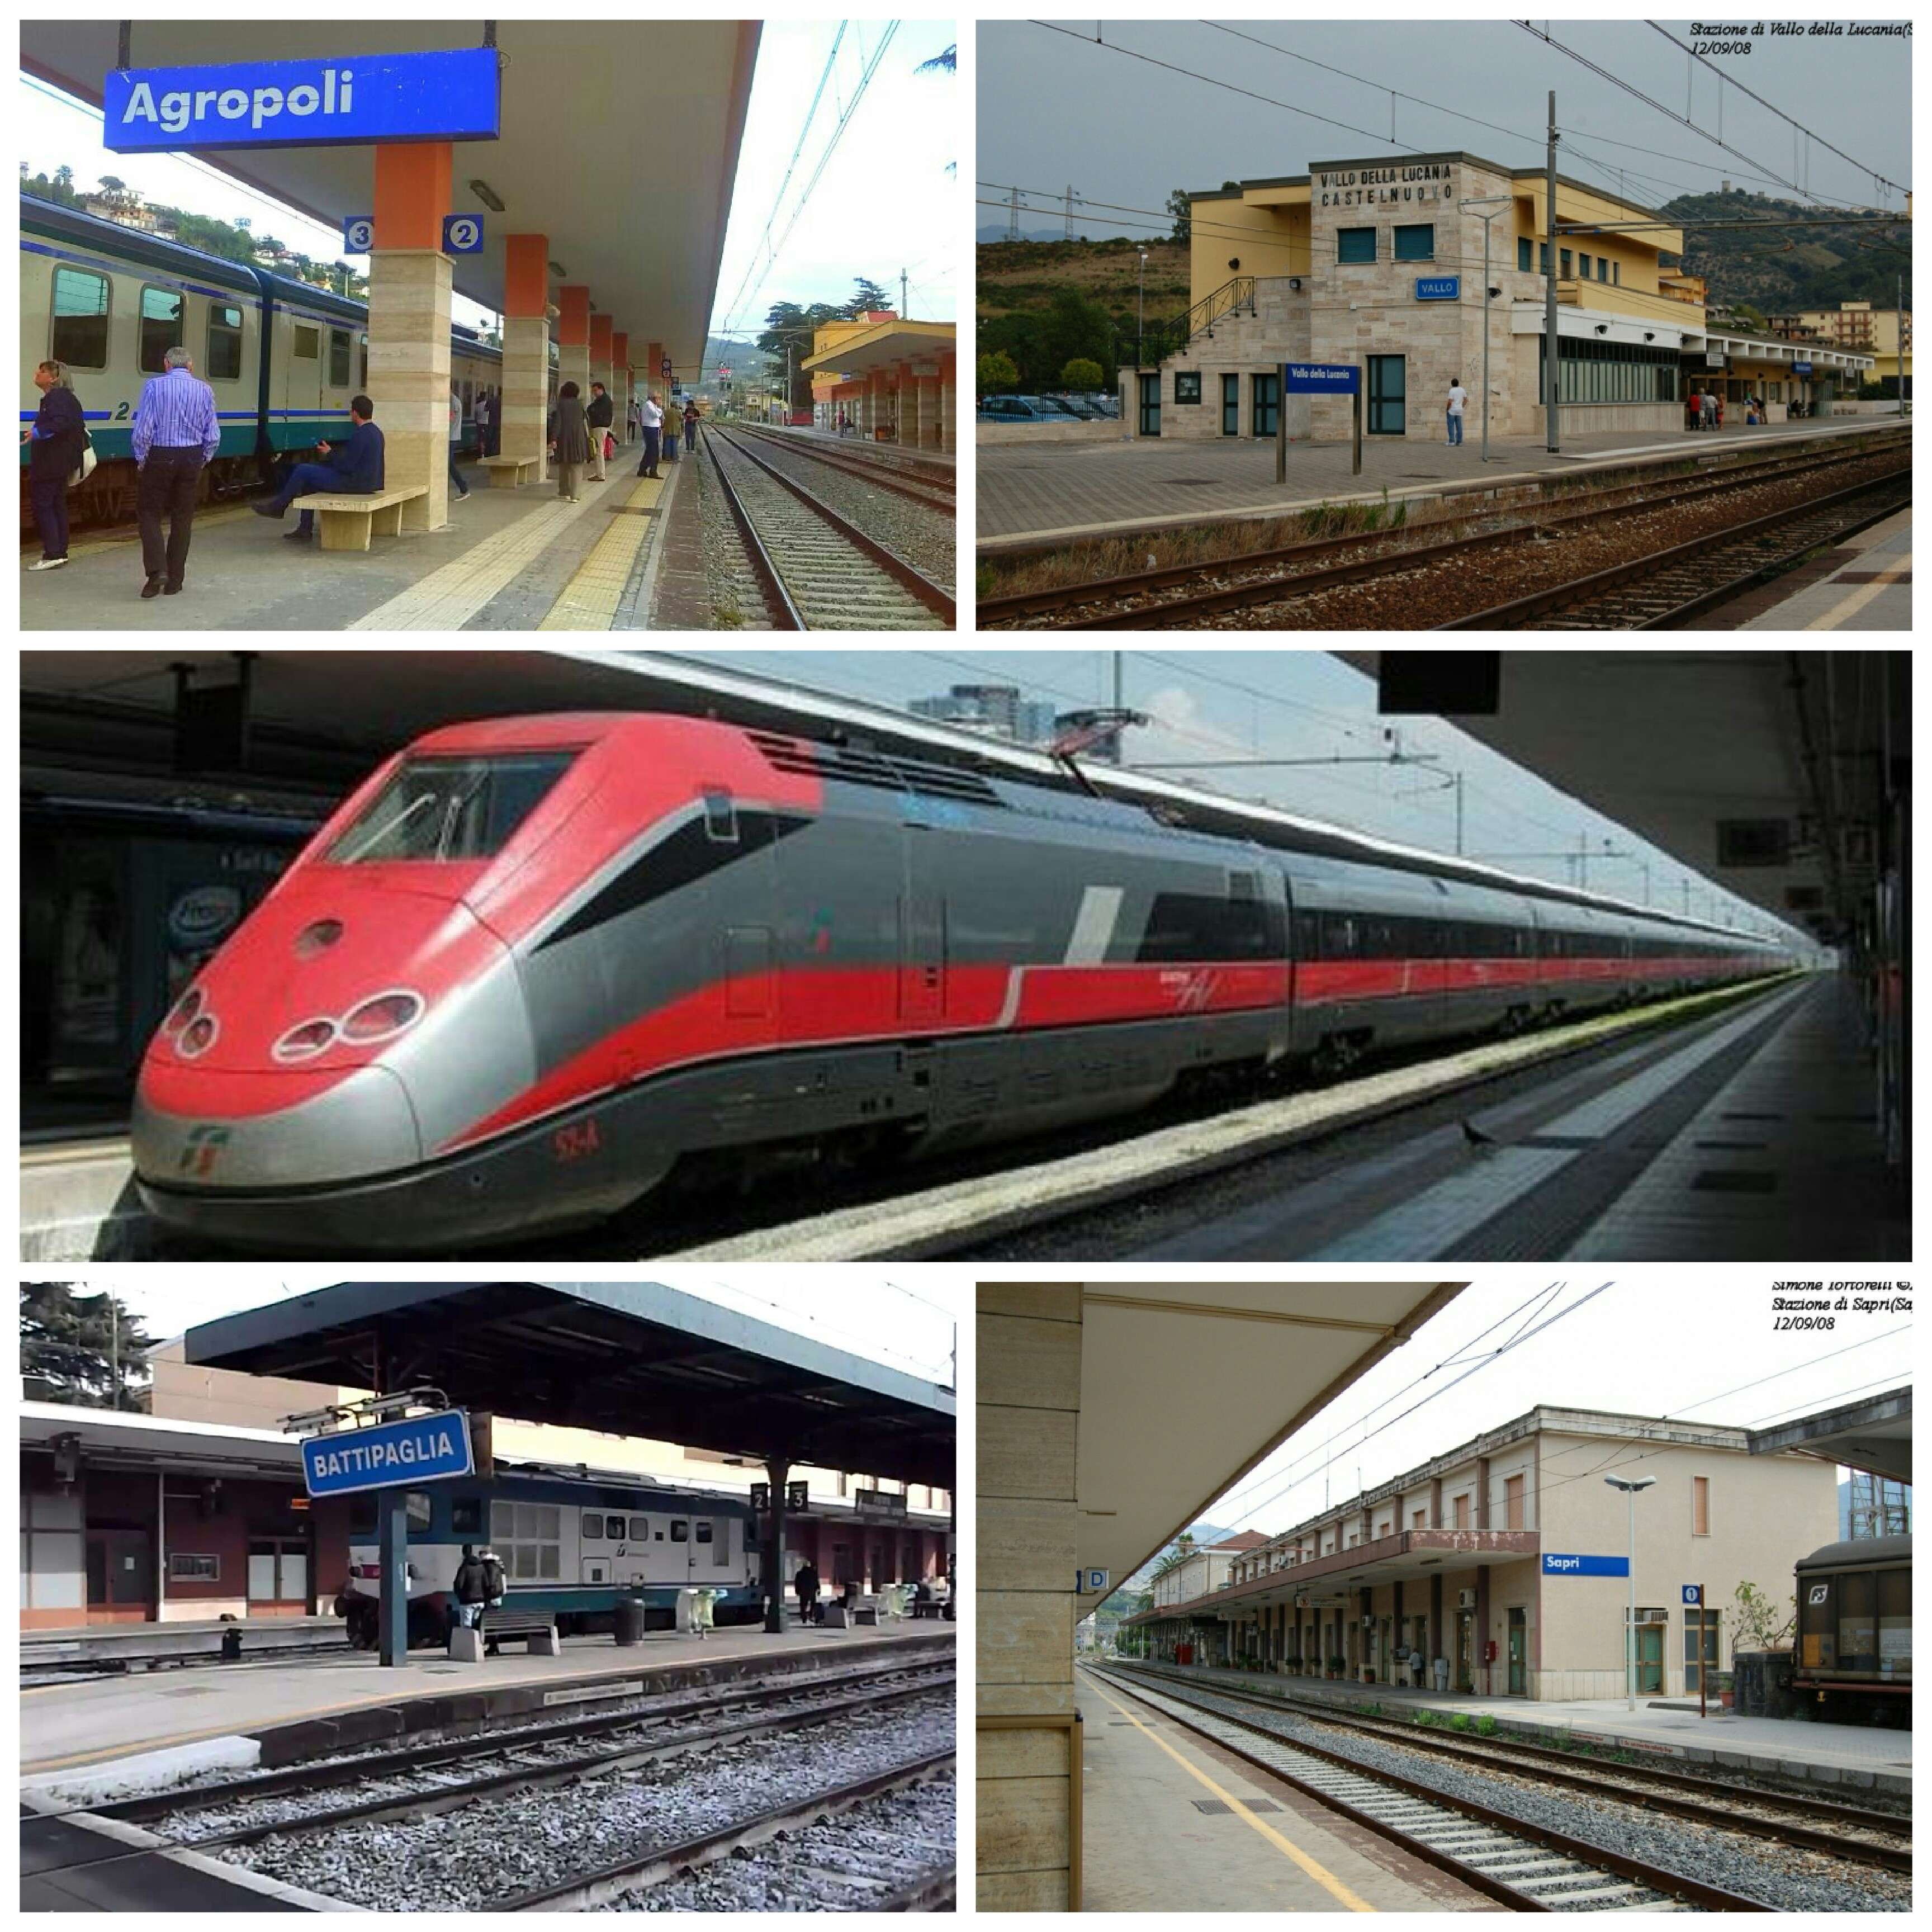 Frecciarossa-stazioni-AgropoliVallo-Battipaglia-Sapri